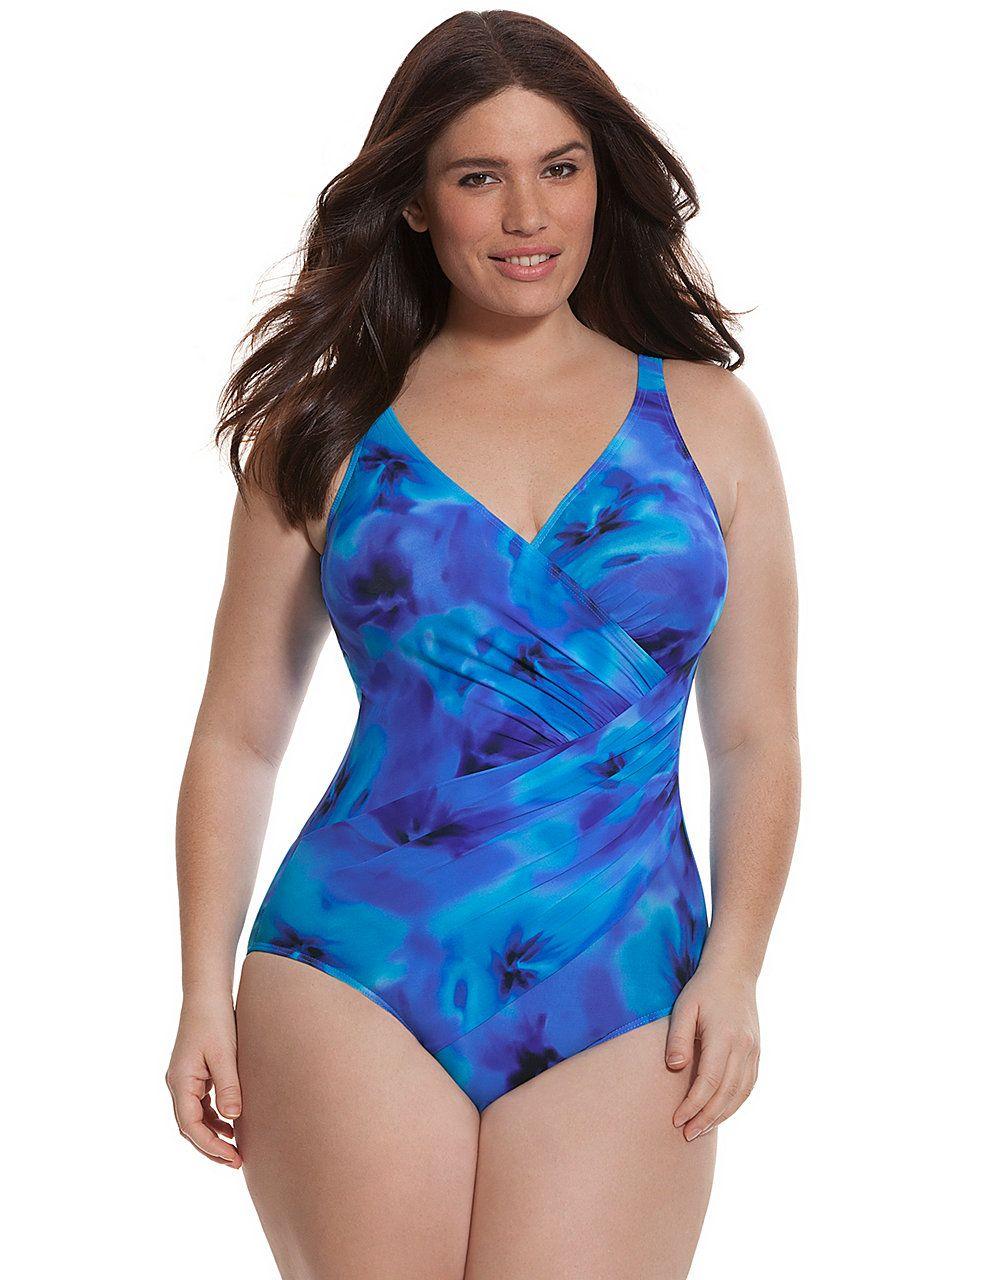 328e14ea2caf7 Oceanus one-piece swim suit by Miraclesuit | Lane Bryant | Clothes ...